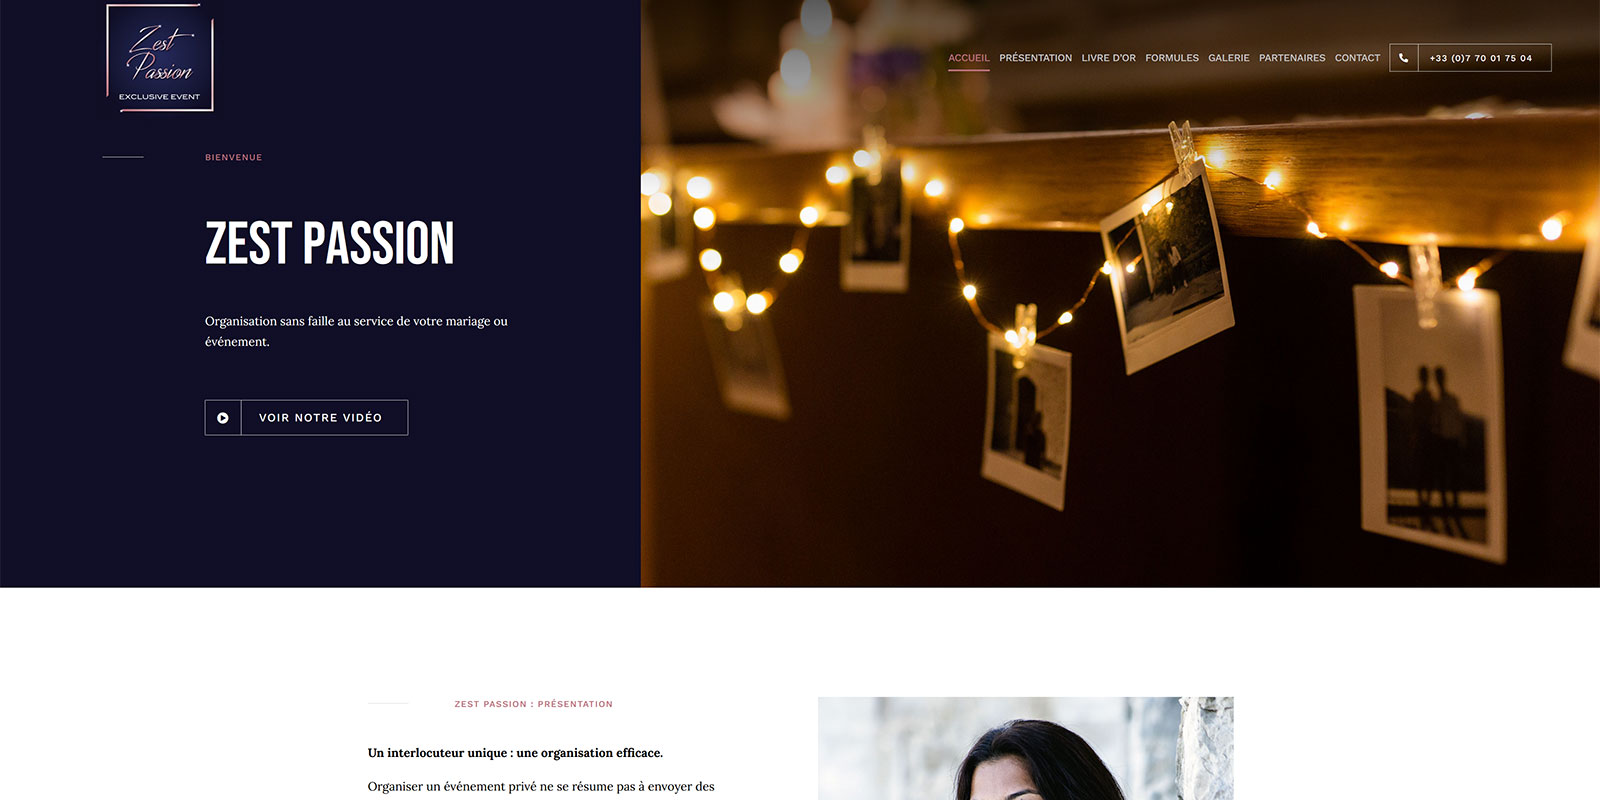 Référence - Zest Passion : organisation et coordination de mariage et événement privé haut de gamme - Netcom Agency - Communication numérique